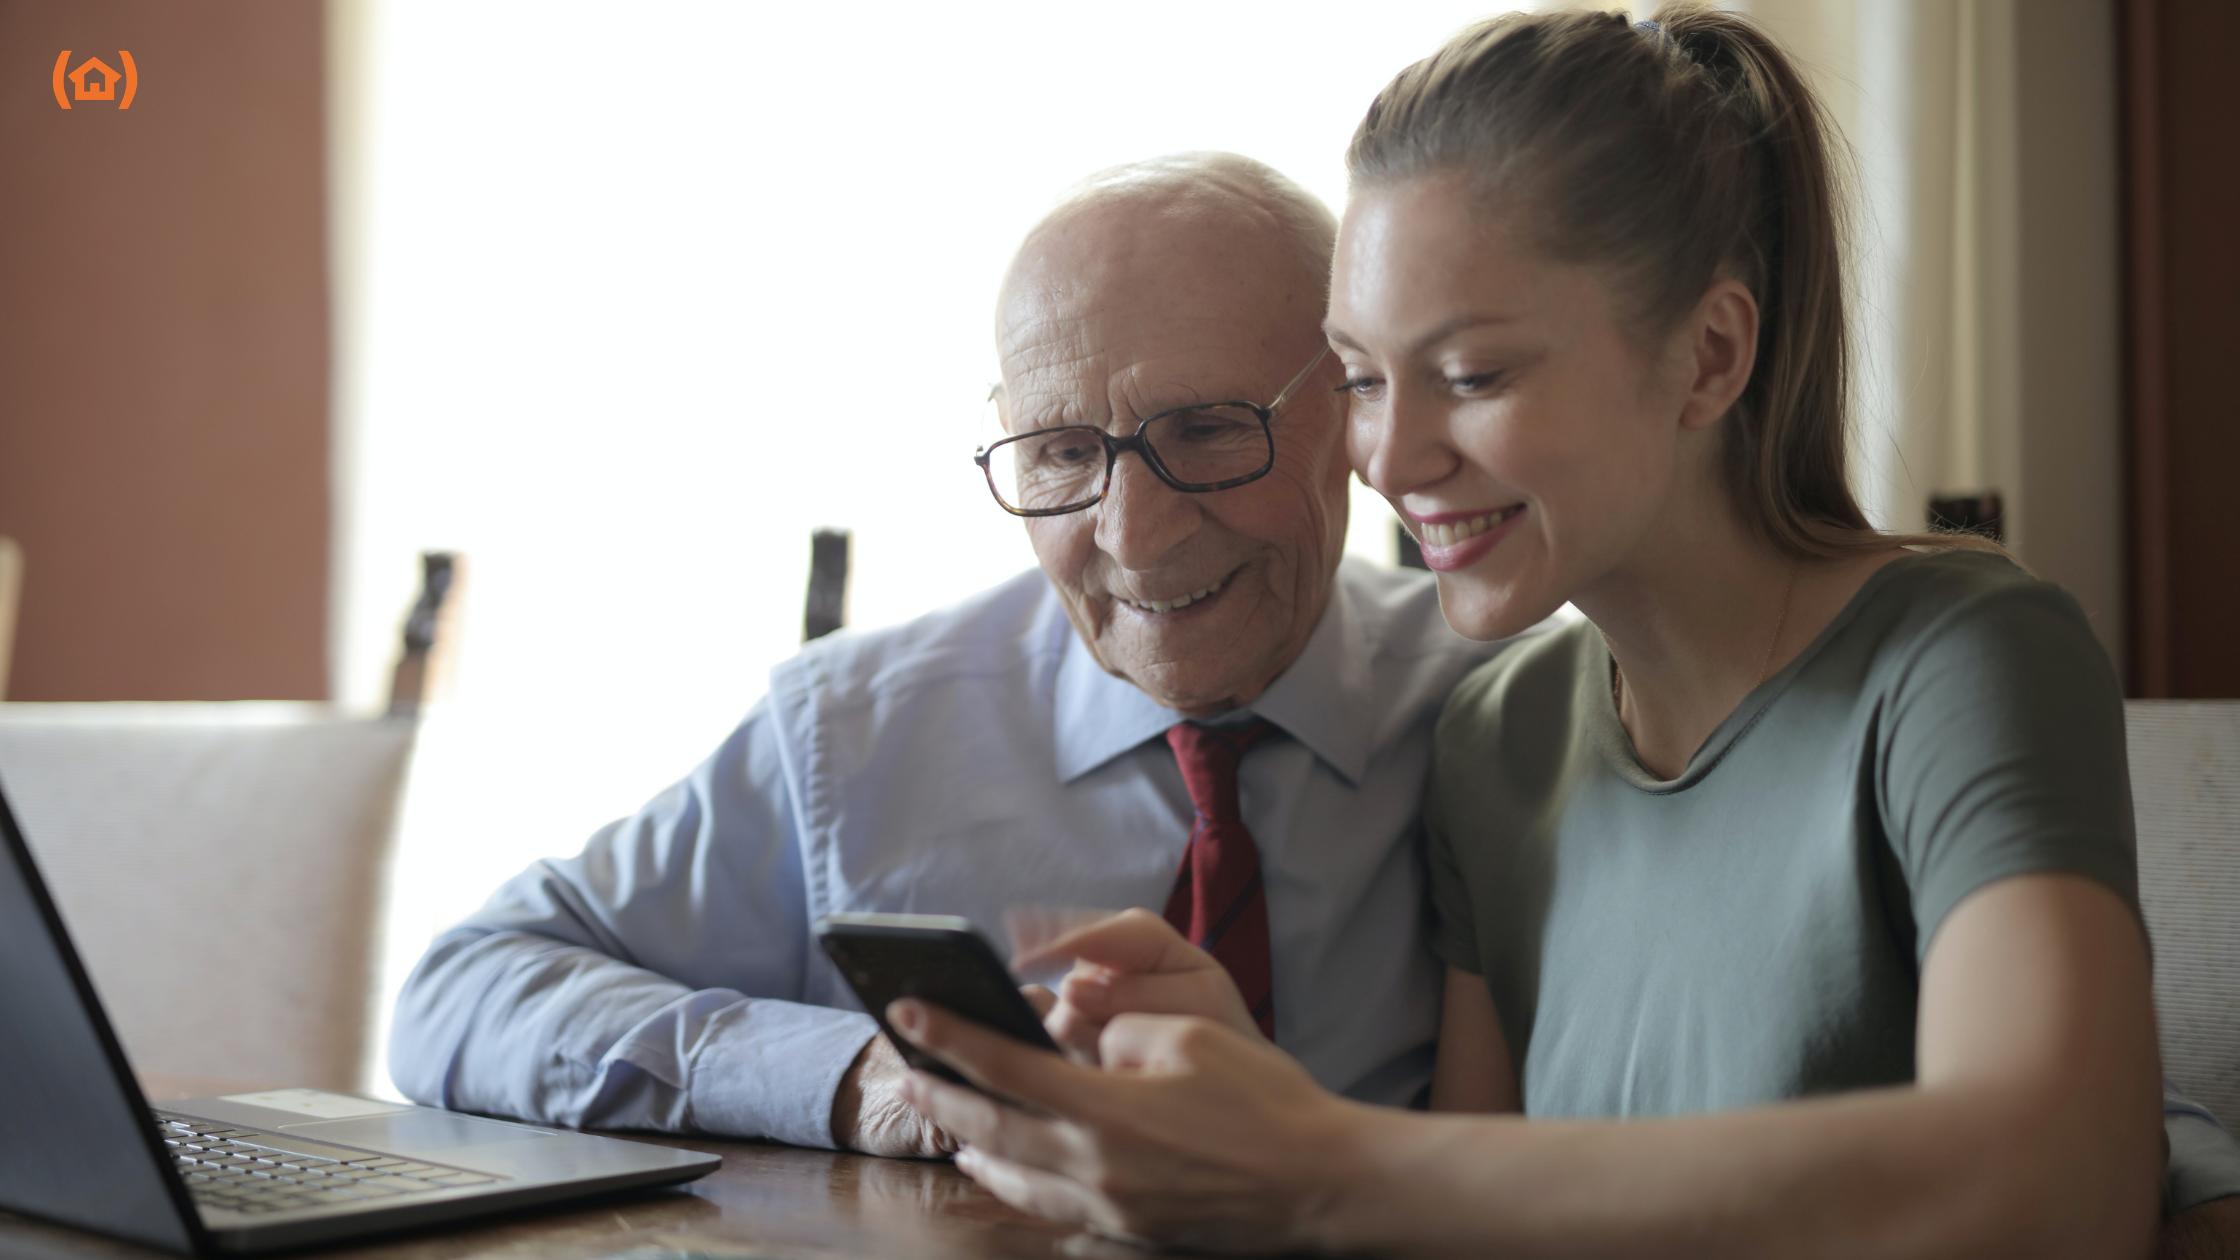 Muchas personas mayores sienten un gran rechazo hacia las nuevas tecnologías, debido a su desconocimiento hacia ellas, que les lleva a prescindir de su uso.